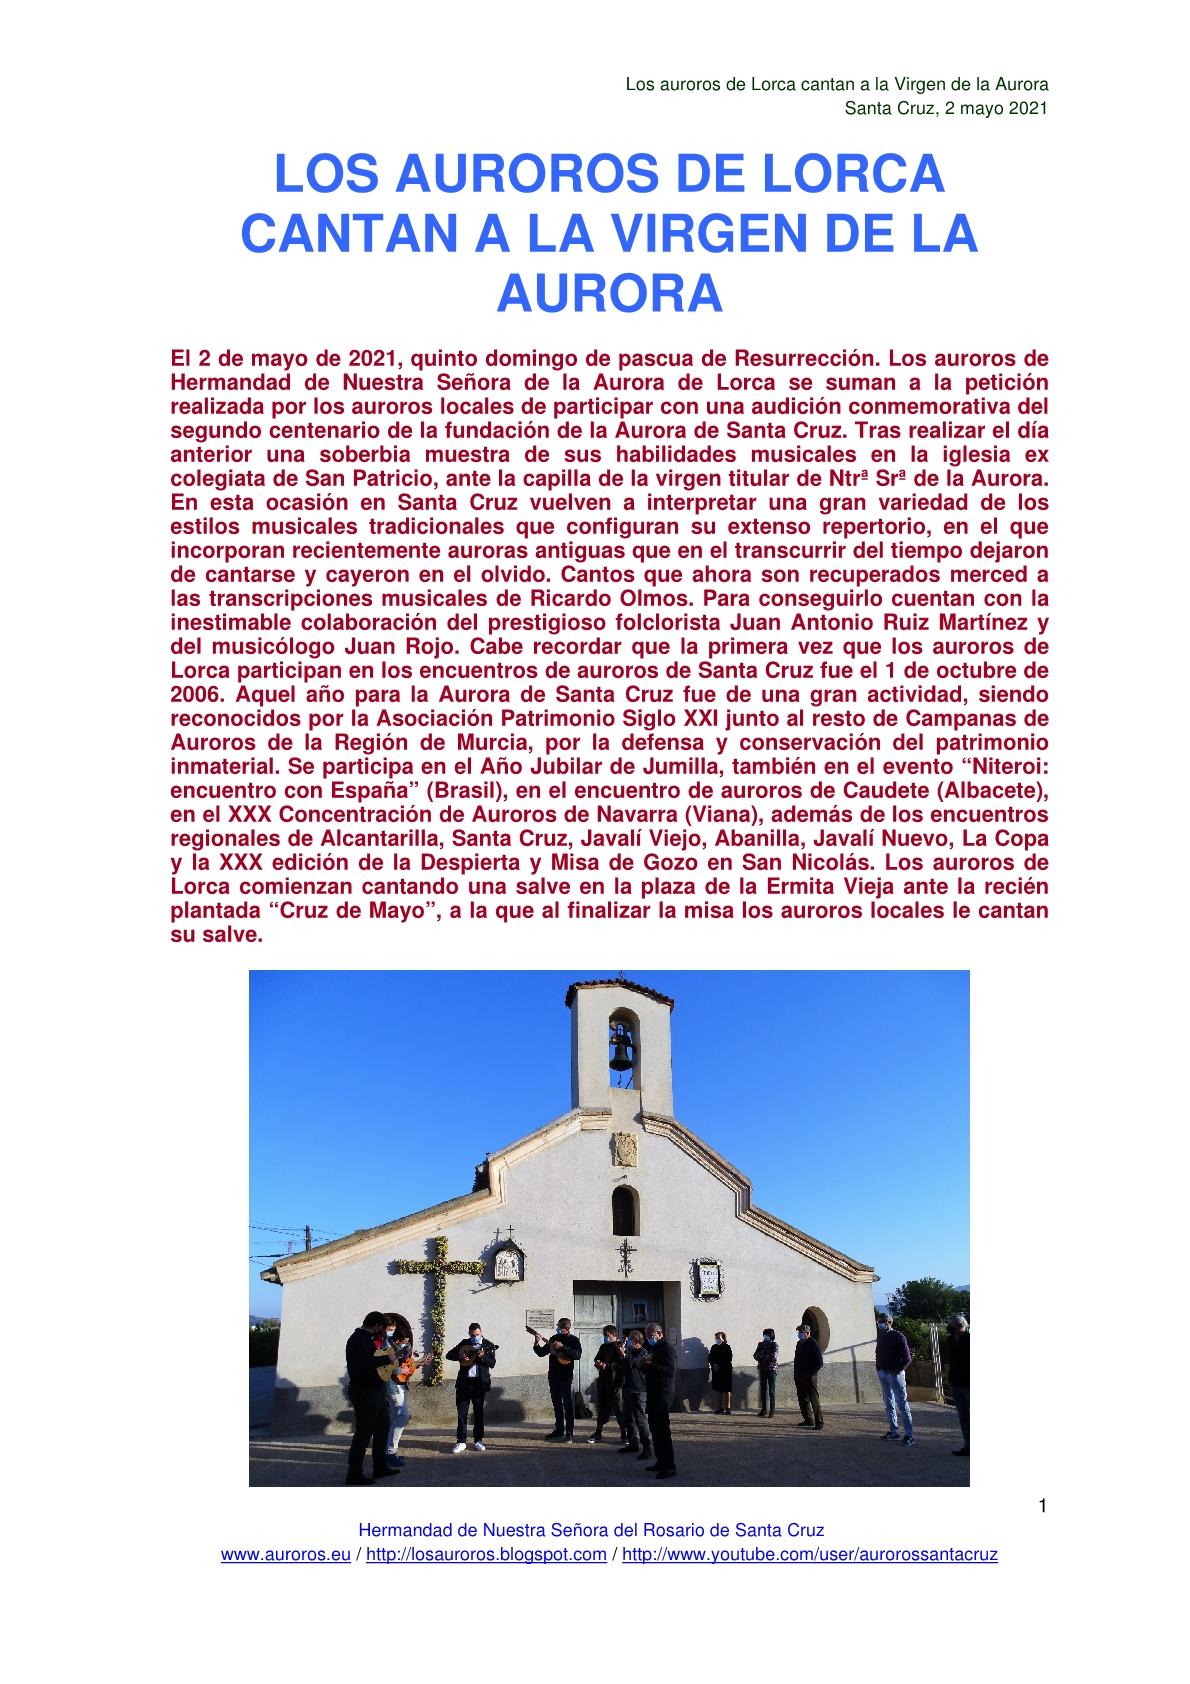 LOS AUROROS DE LORCA CANTAN A LA VIRGEN DE LA AURORA